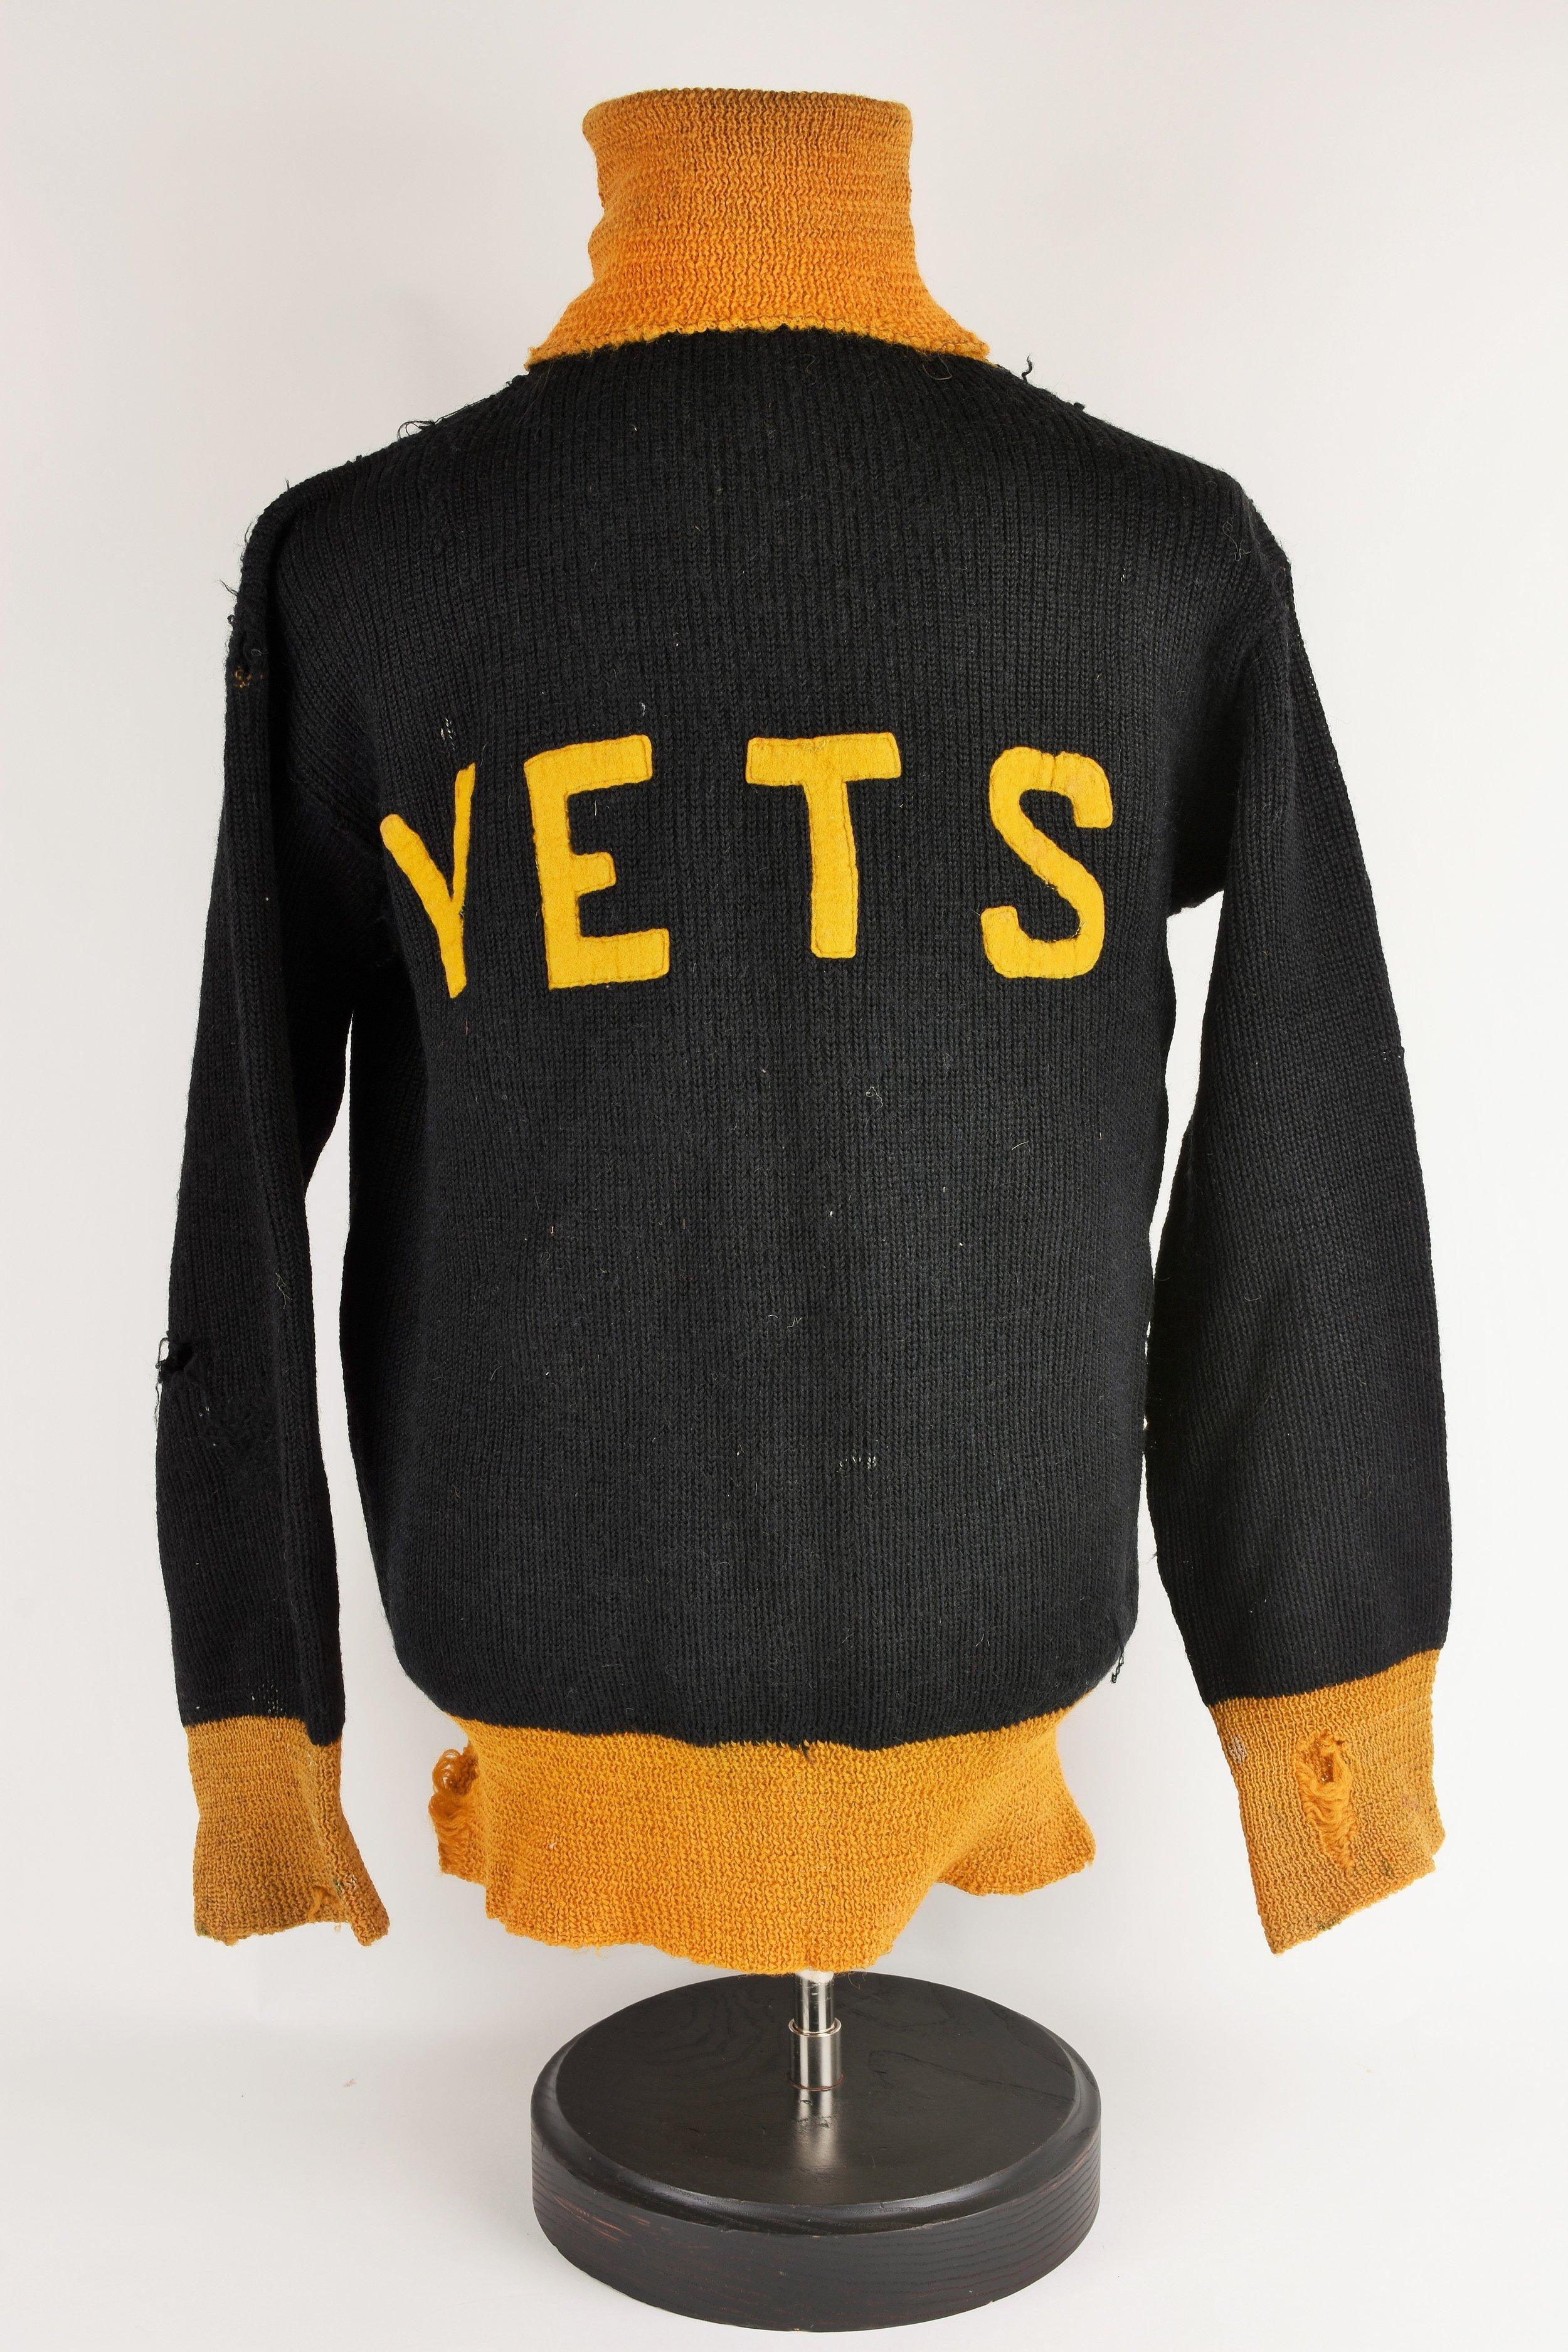 Vets Hockey Sweater